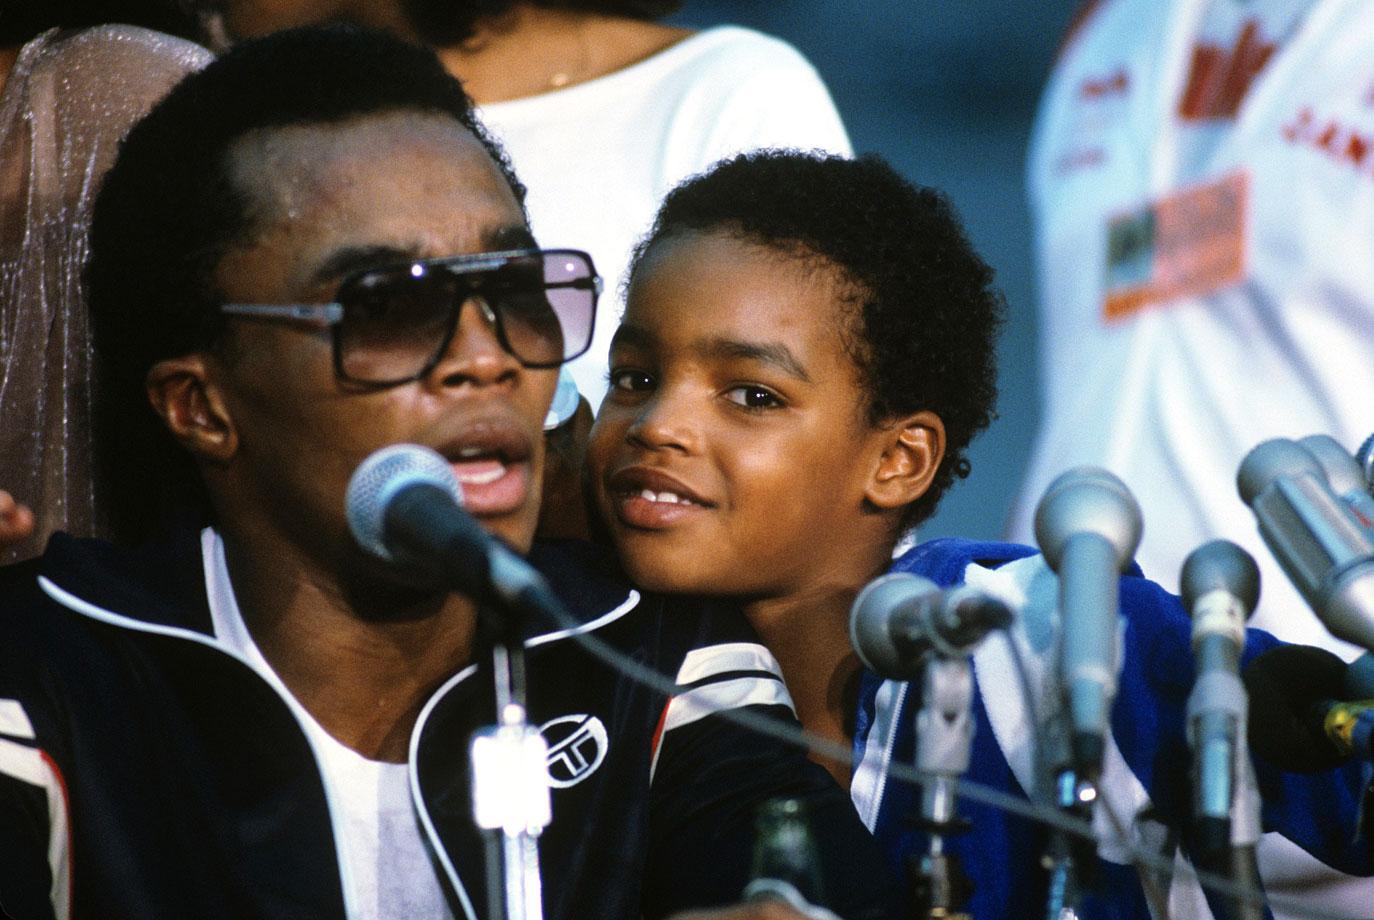 Sugar Ray Leonard and son Ray Jr.